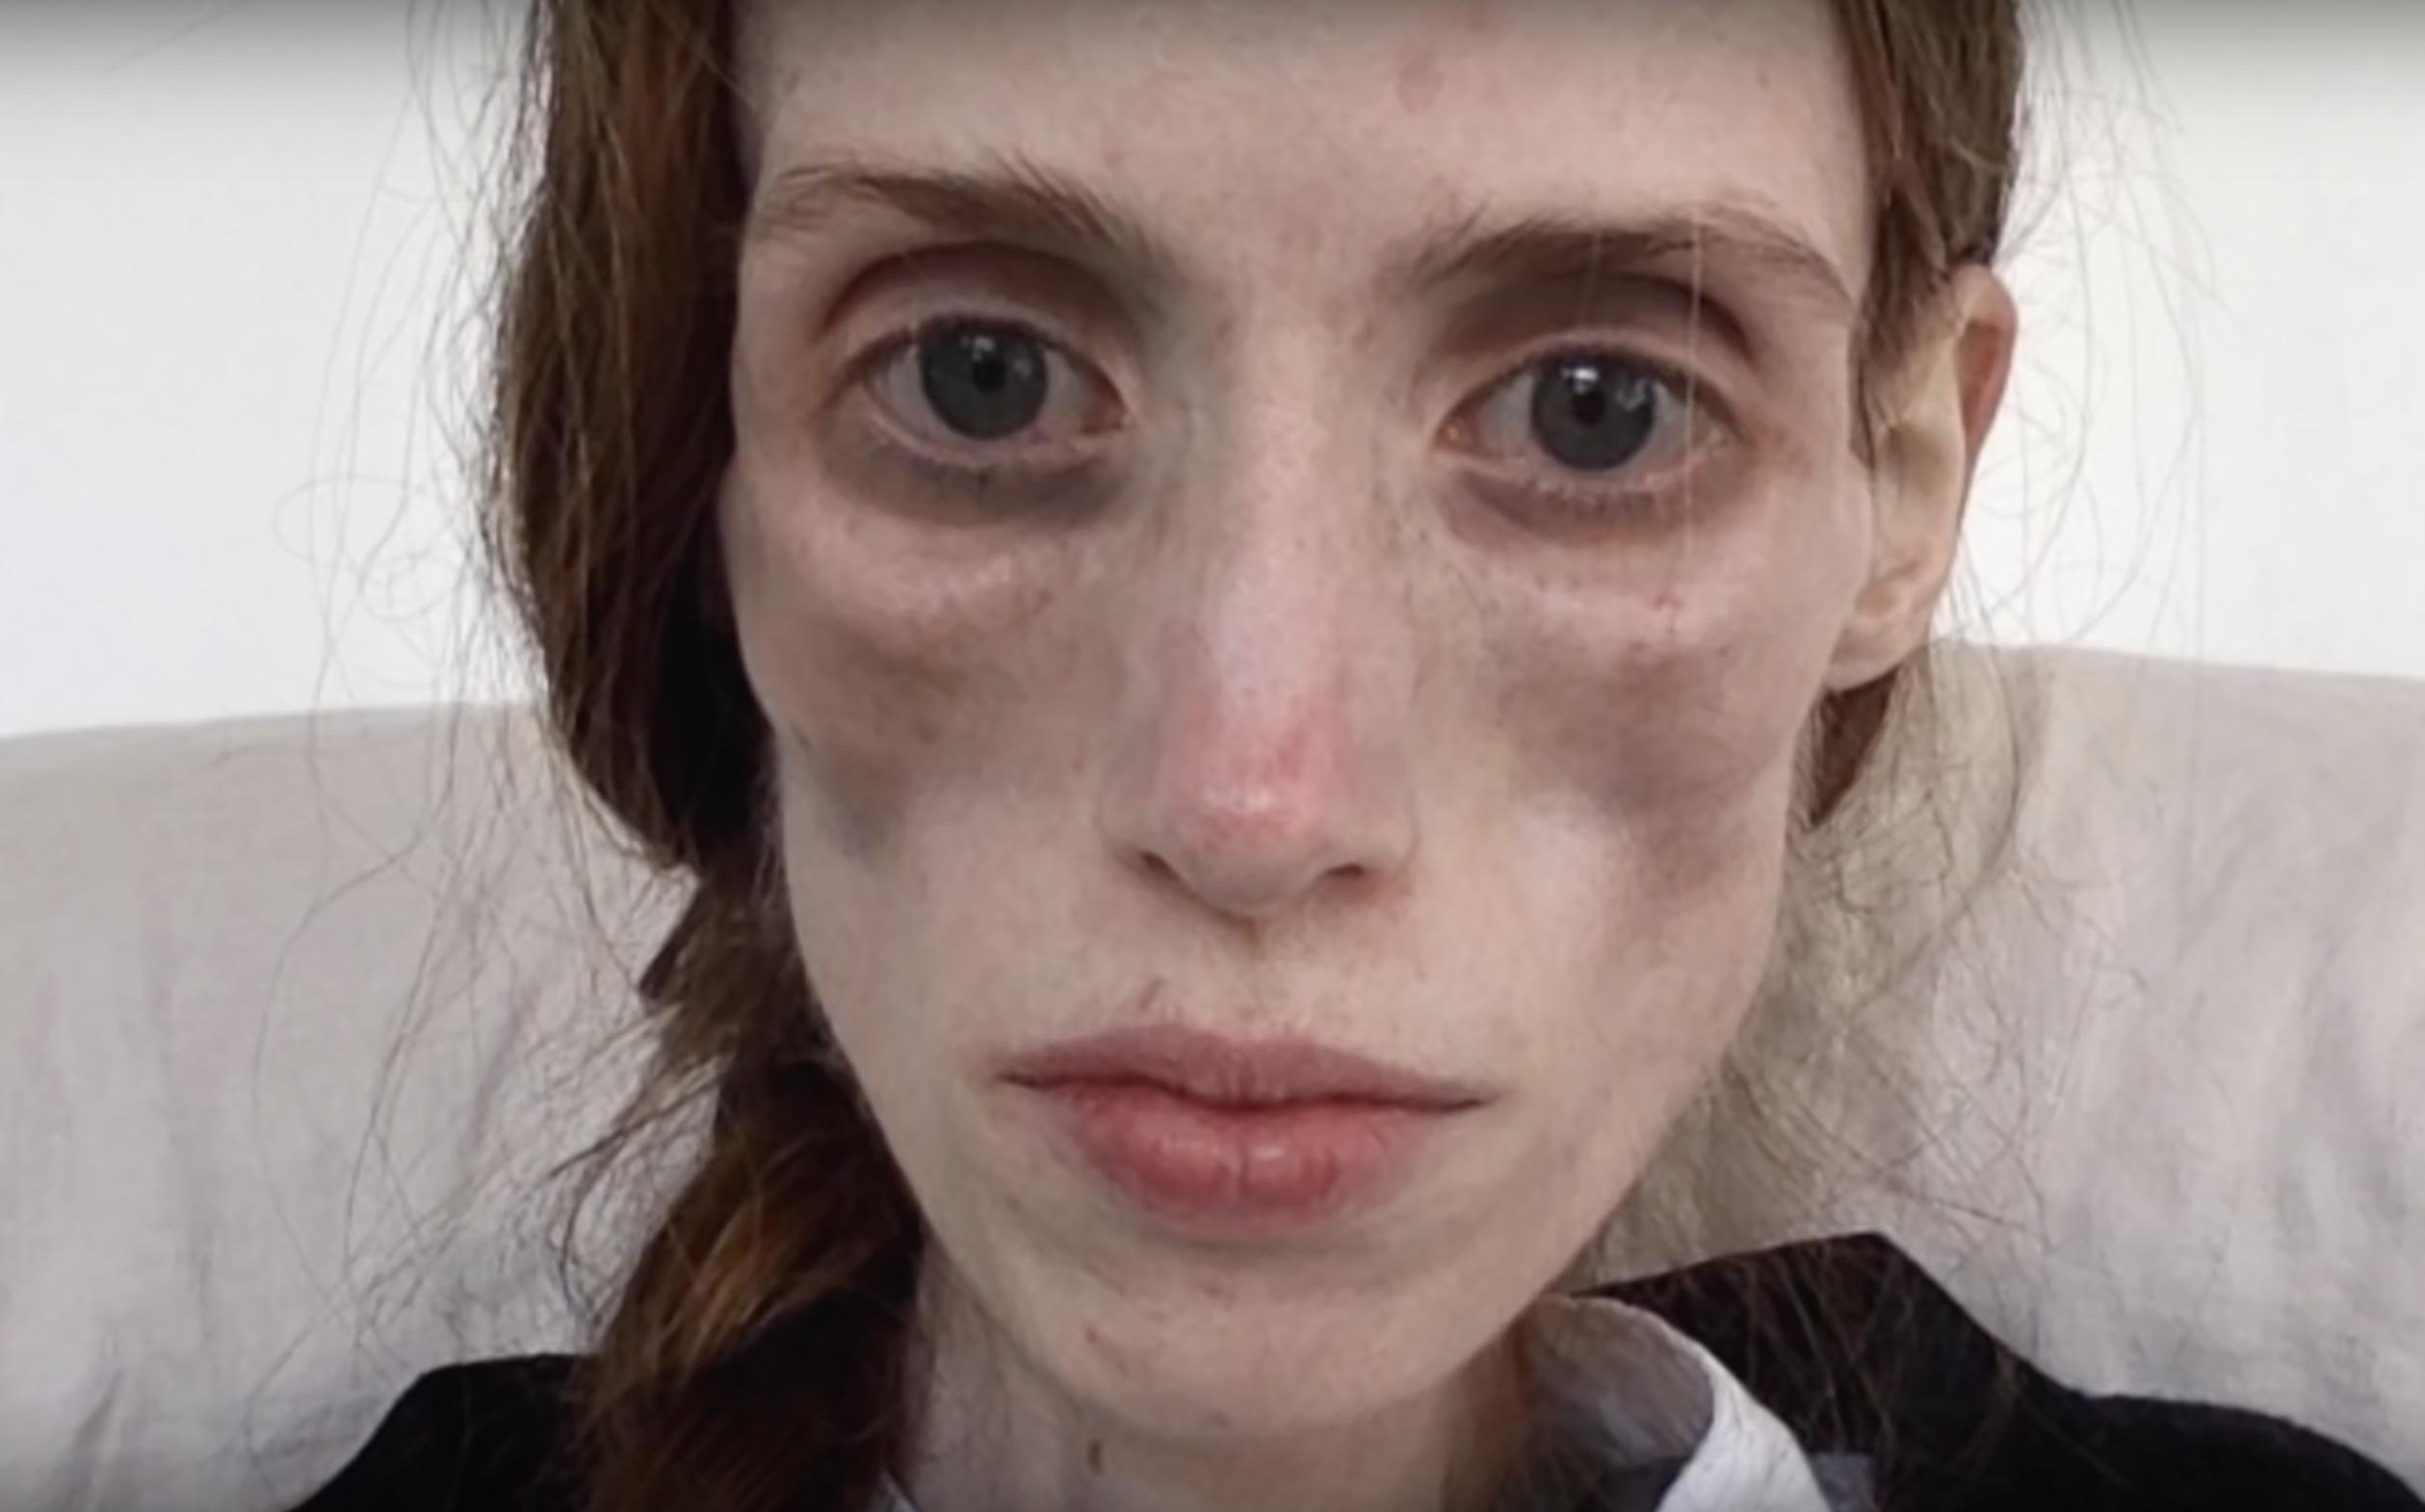 Korrelatie overspoeld met hulpvragen na docu 'Emma wil leven'